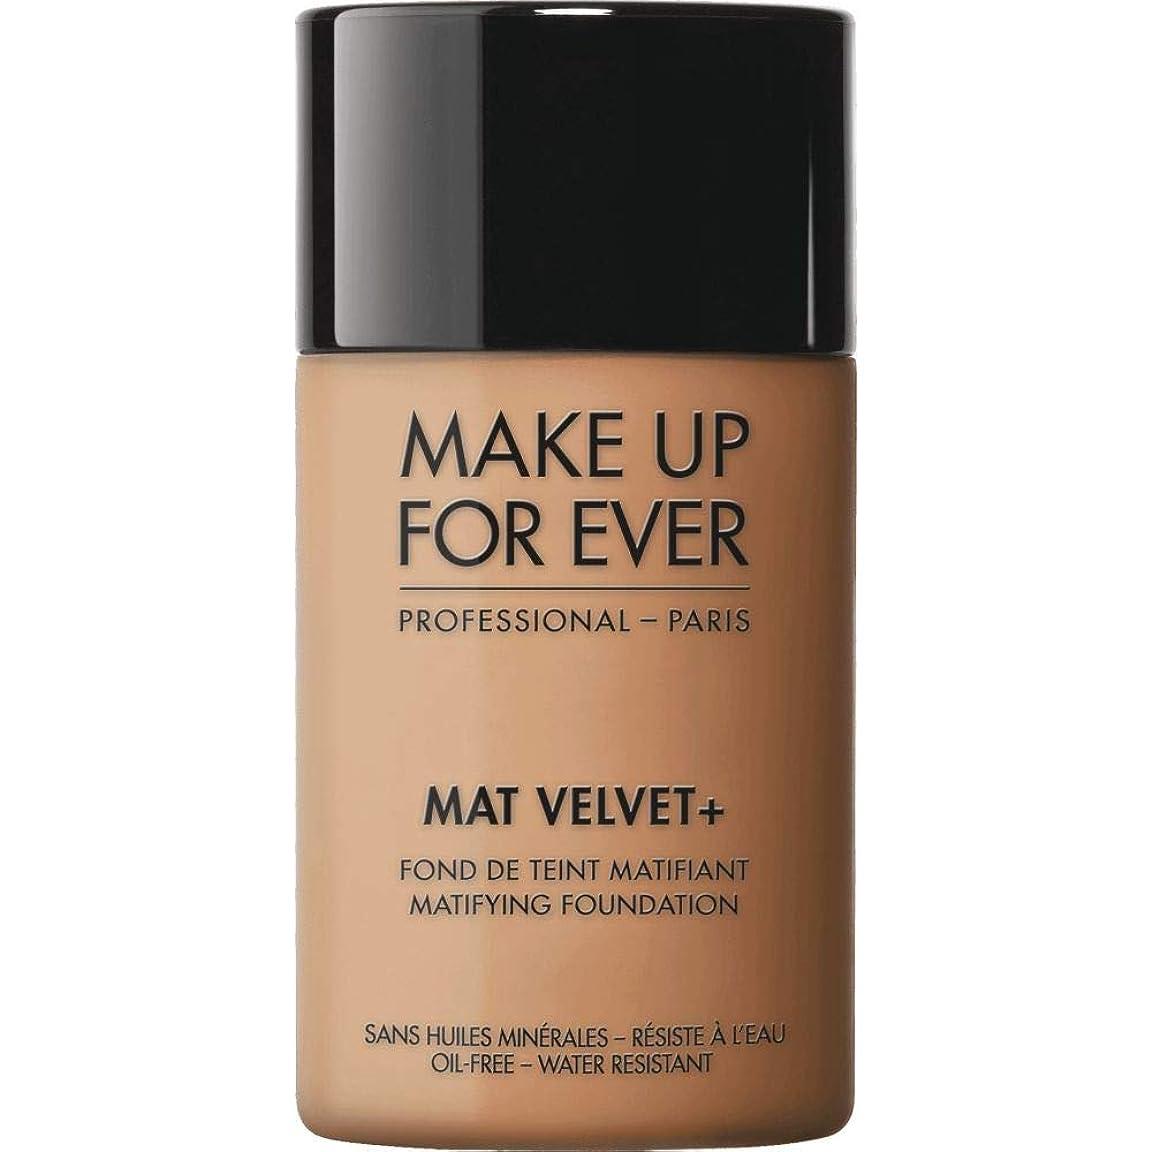 せがむごめんなさい言う[MAKE UP FOR EVER ] 暖かい琥珀 - これまでマットベルベット+マティファイングの基礎30ミリリットル67を補います - MAKE UP FOR EVER Mat Velvet+ Matifying Foundation 30ml 67 - Warm Amber [並行輸入品]